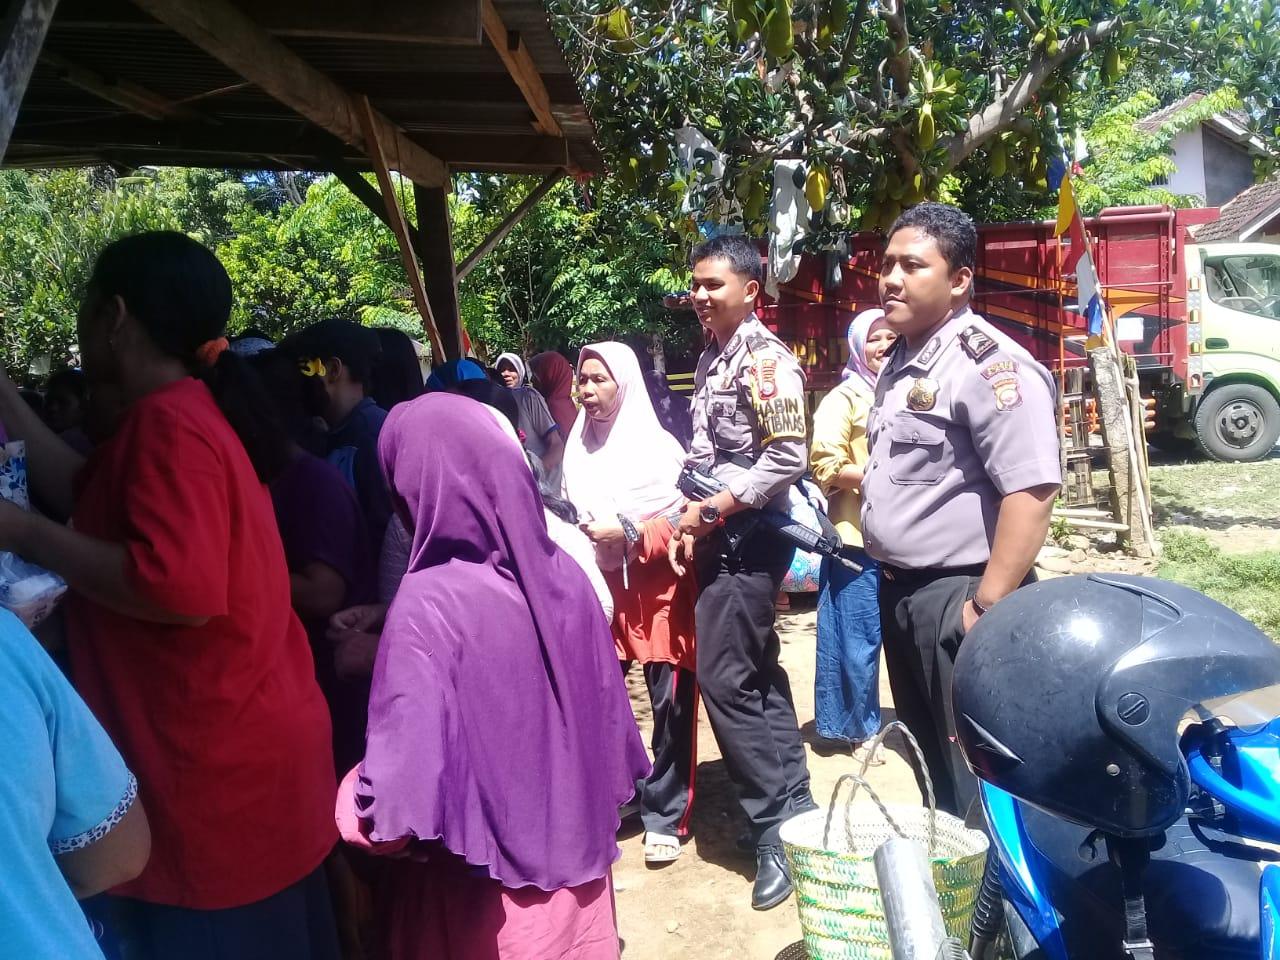 Polsek Kaur Utara Berikan Pengamanan Kegiatan Bazar Murah Disperindagkop